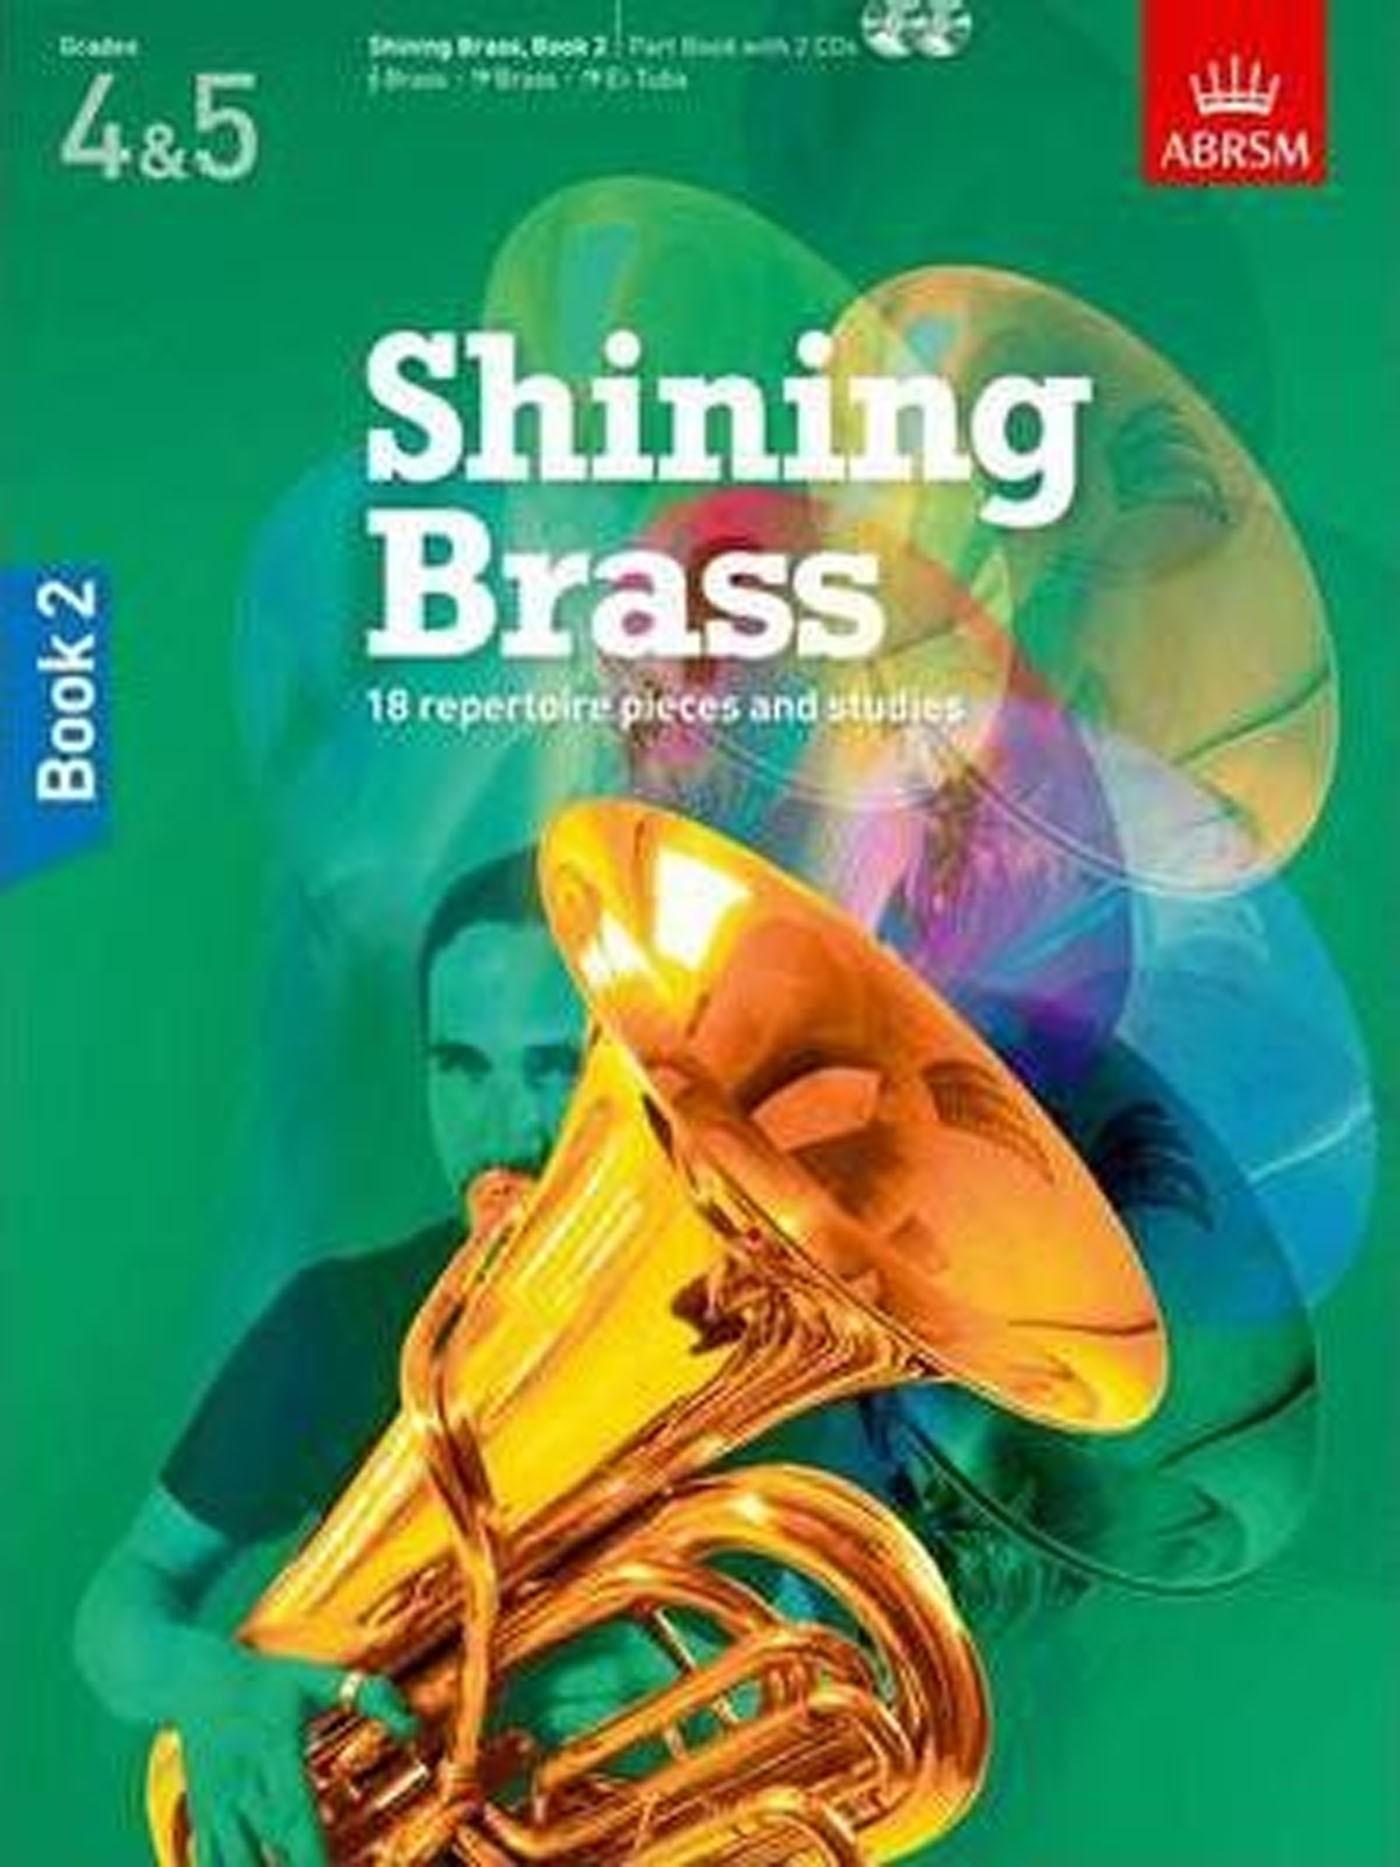 Shining Brass Book 2 & CDs ABRSM Grades 4 & 5 Treble & Bass Clef Brass S145